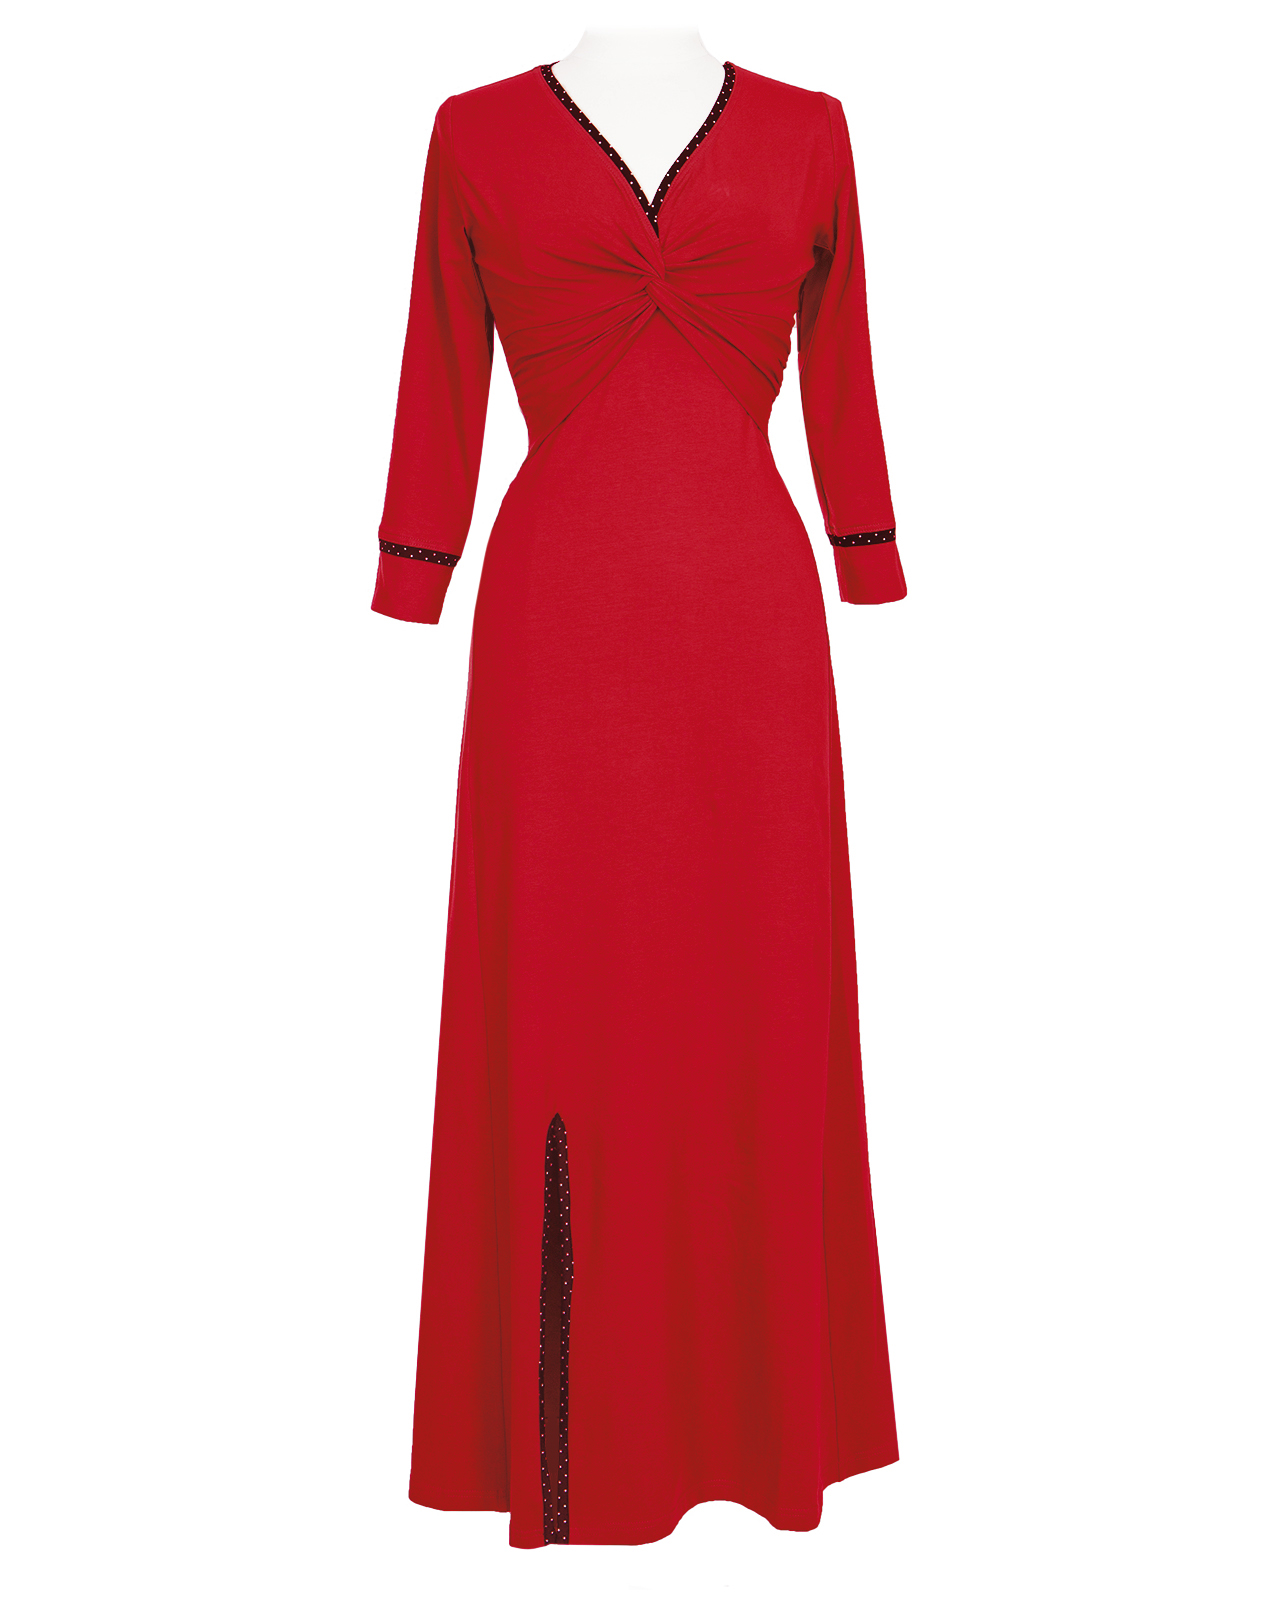 rød kjole lang